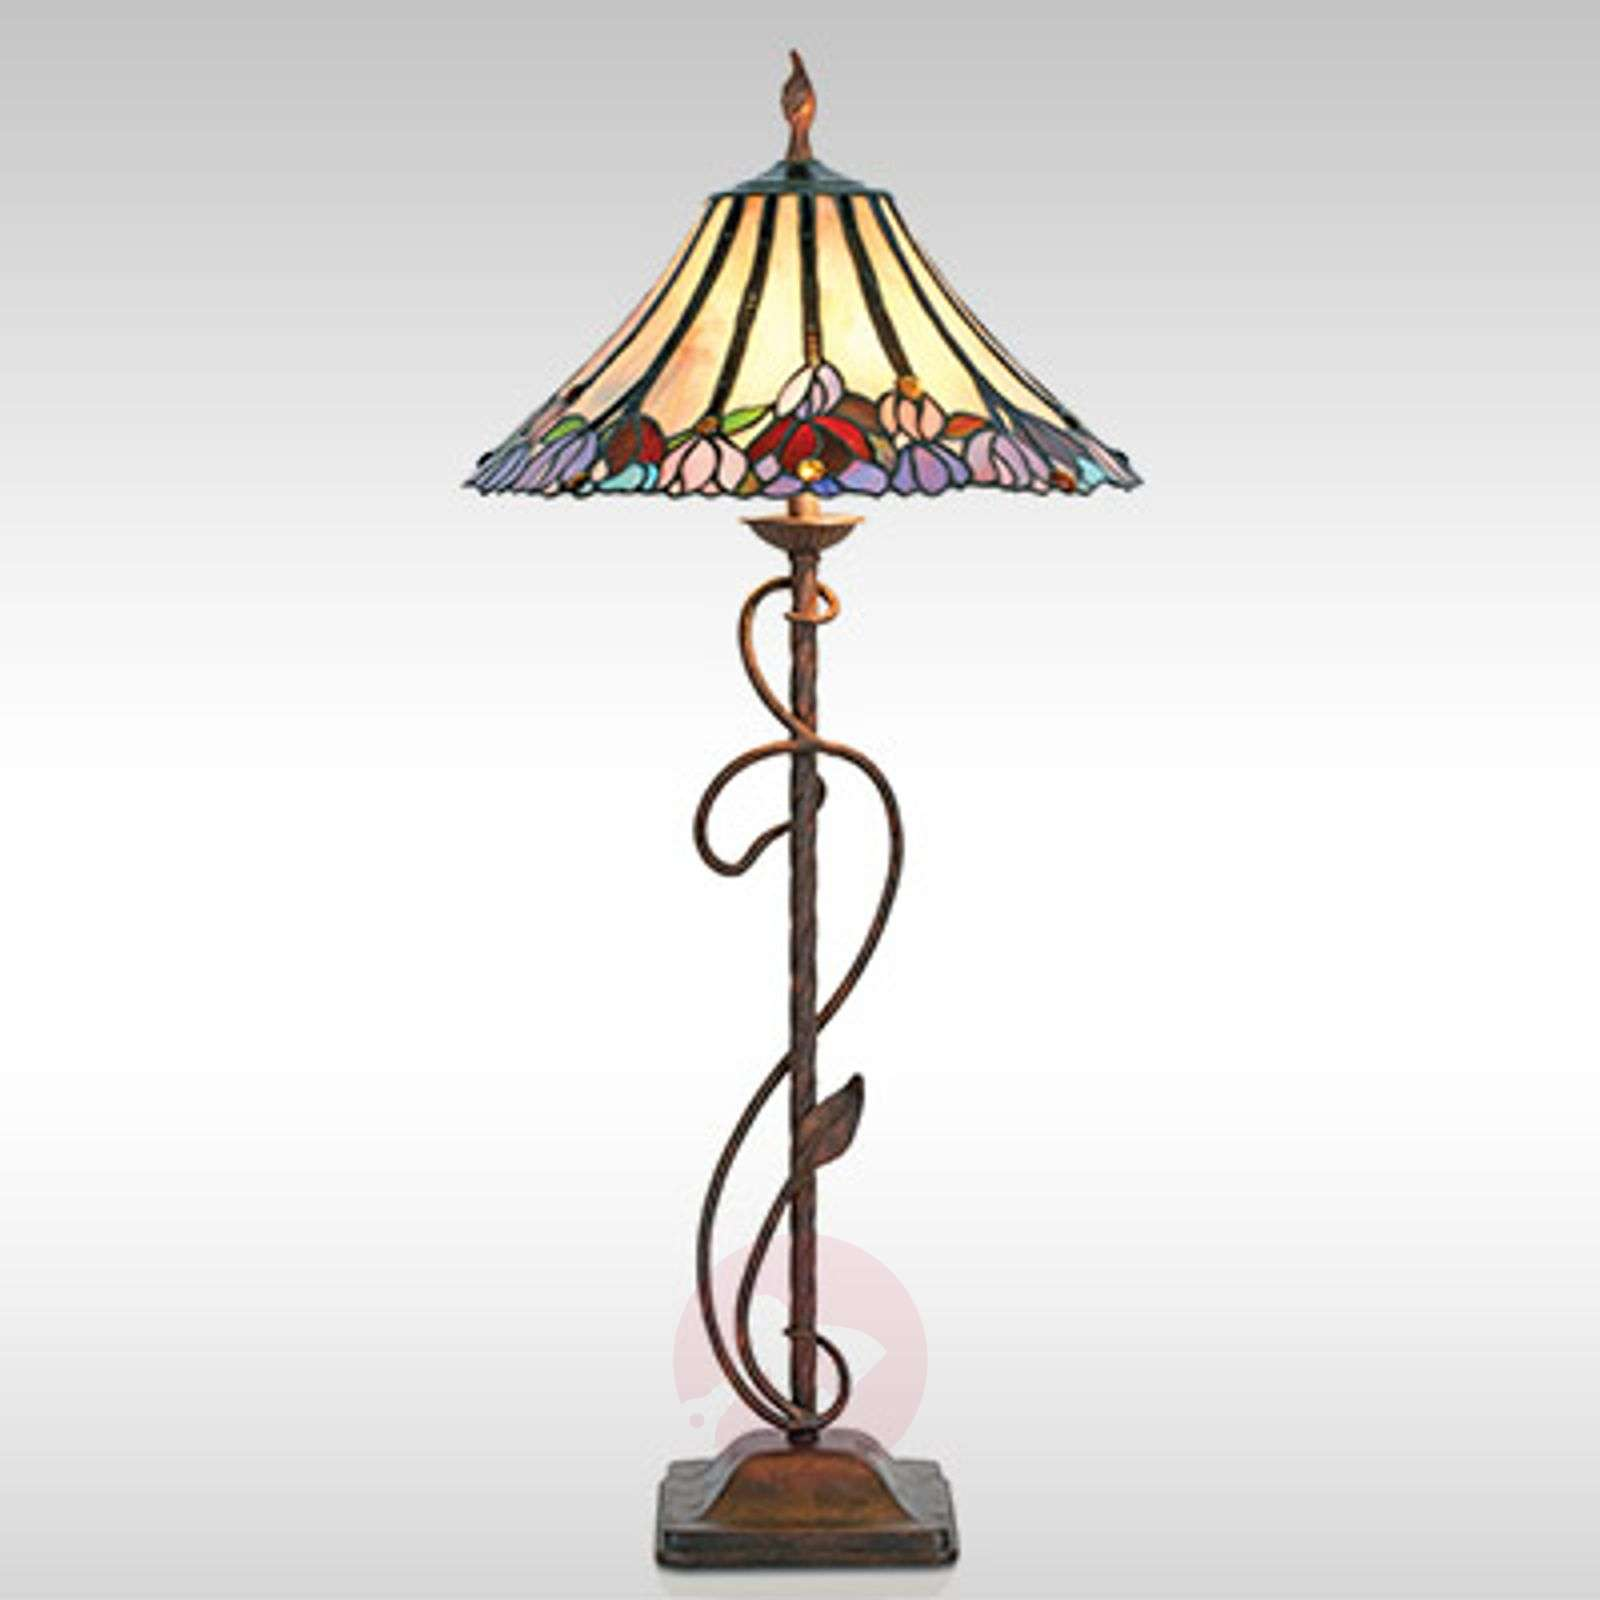 Elaborately-designed Tori floor lamp-1032264-02